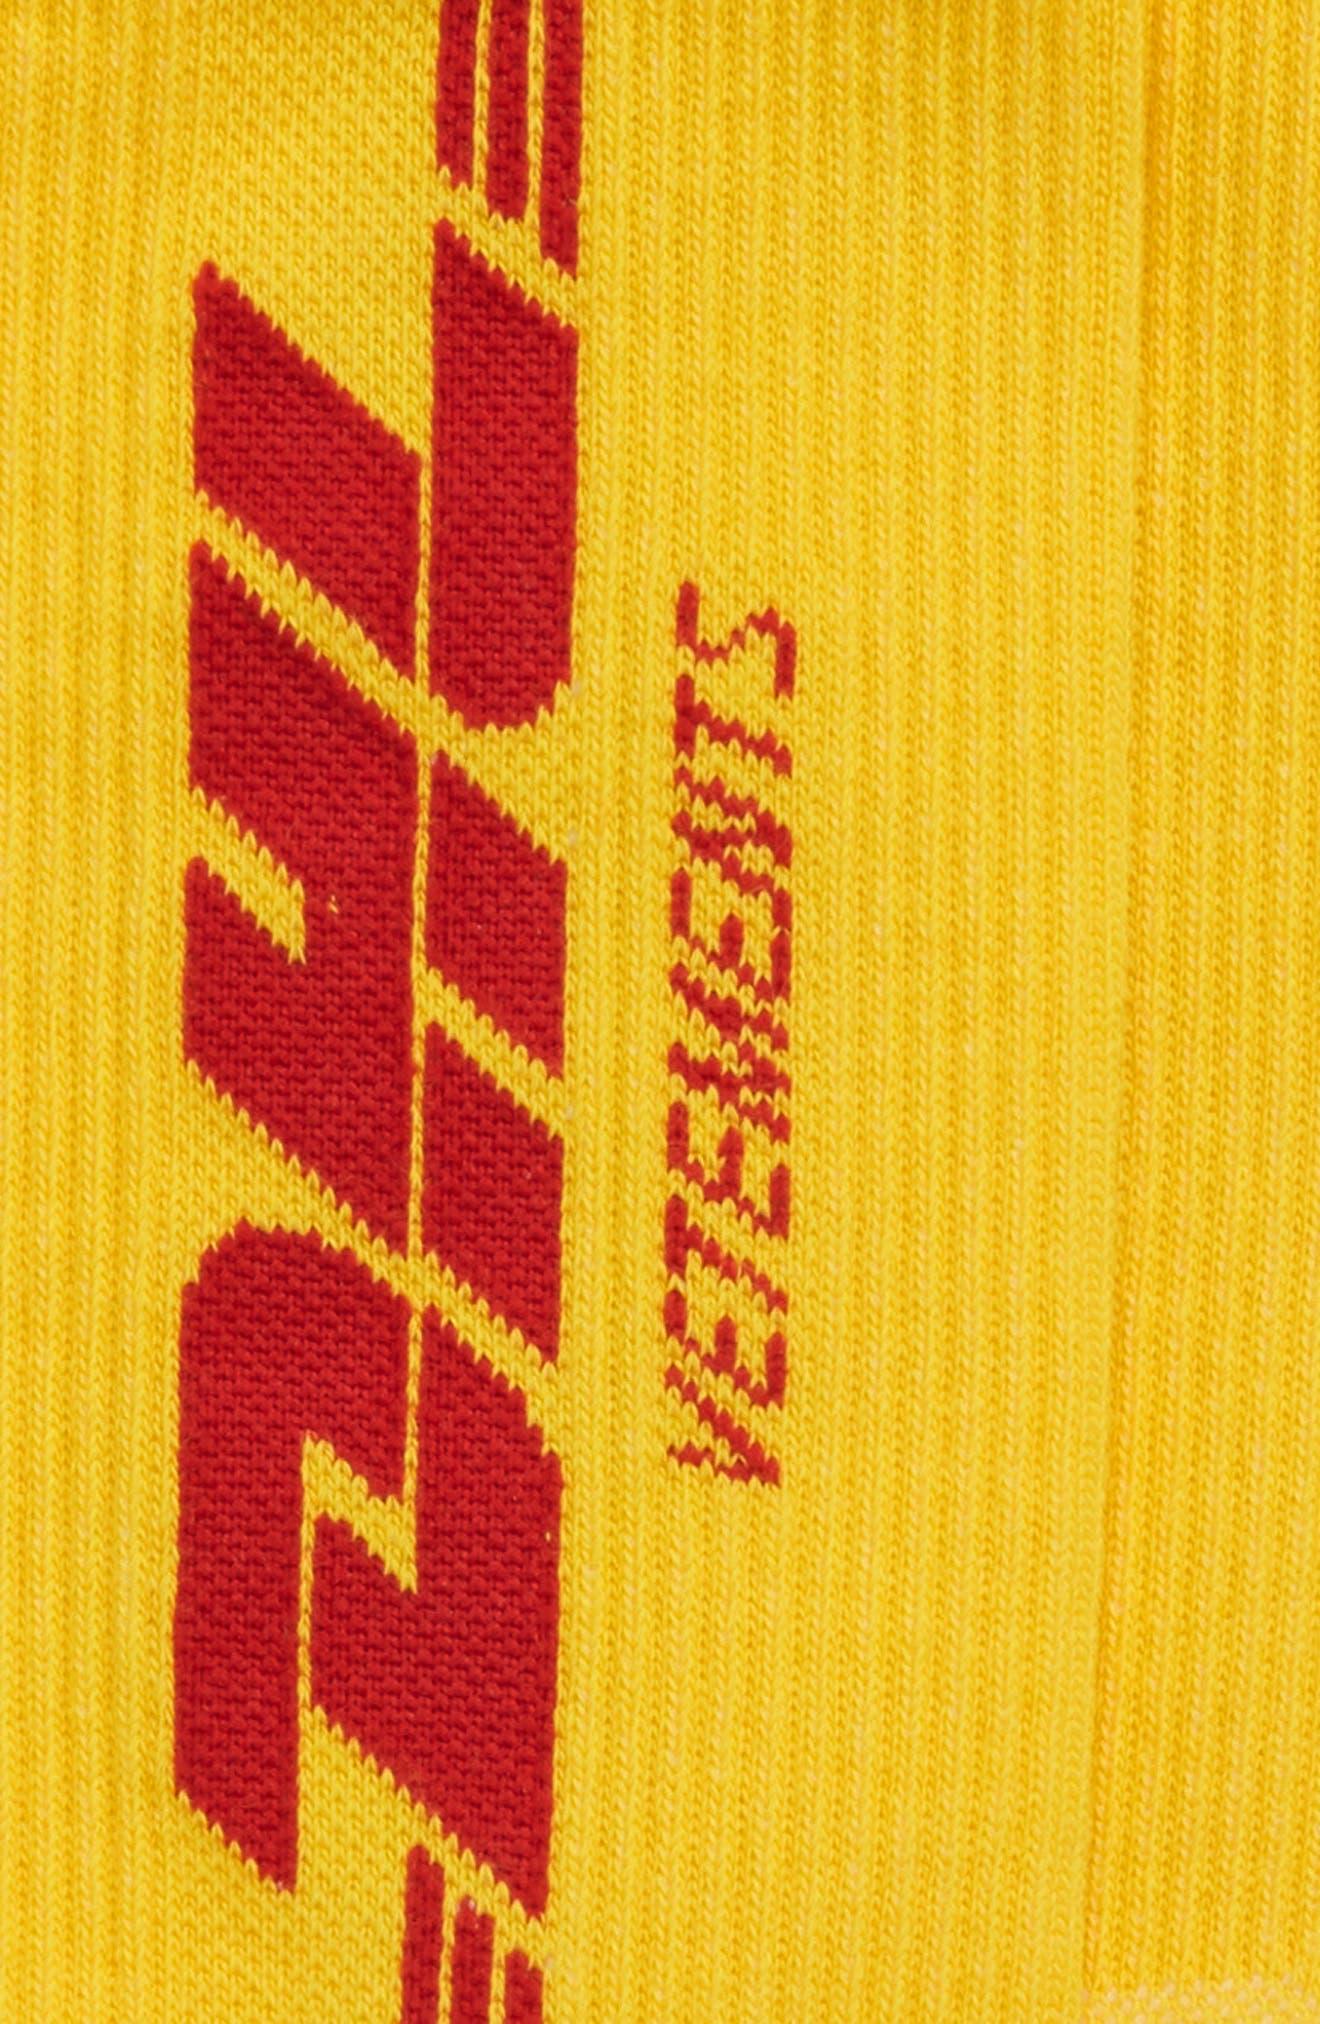 DHL Socks,                             Alternate thumbnail 2, color,                             700